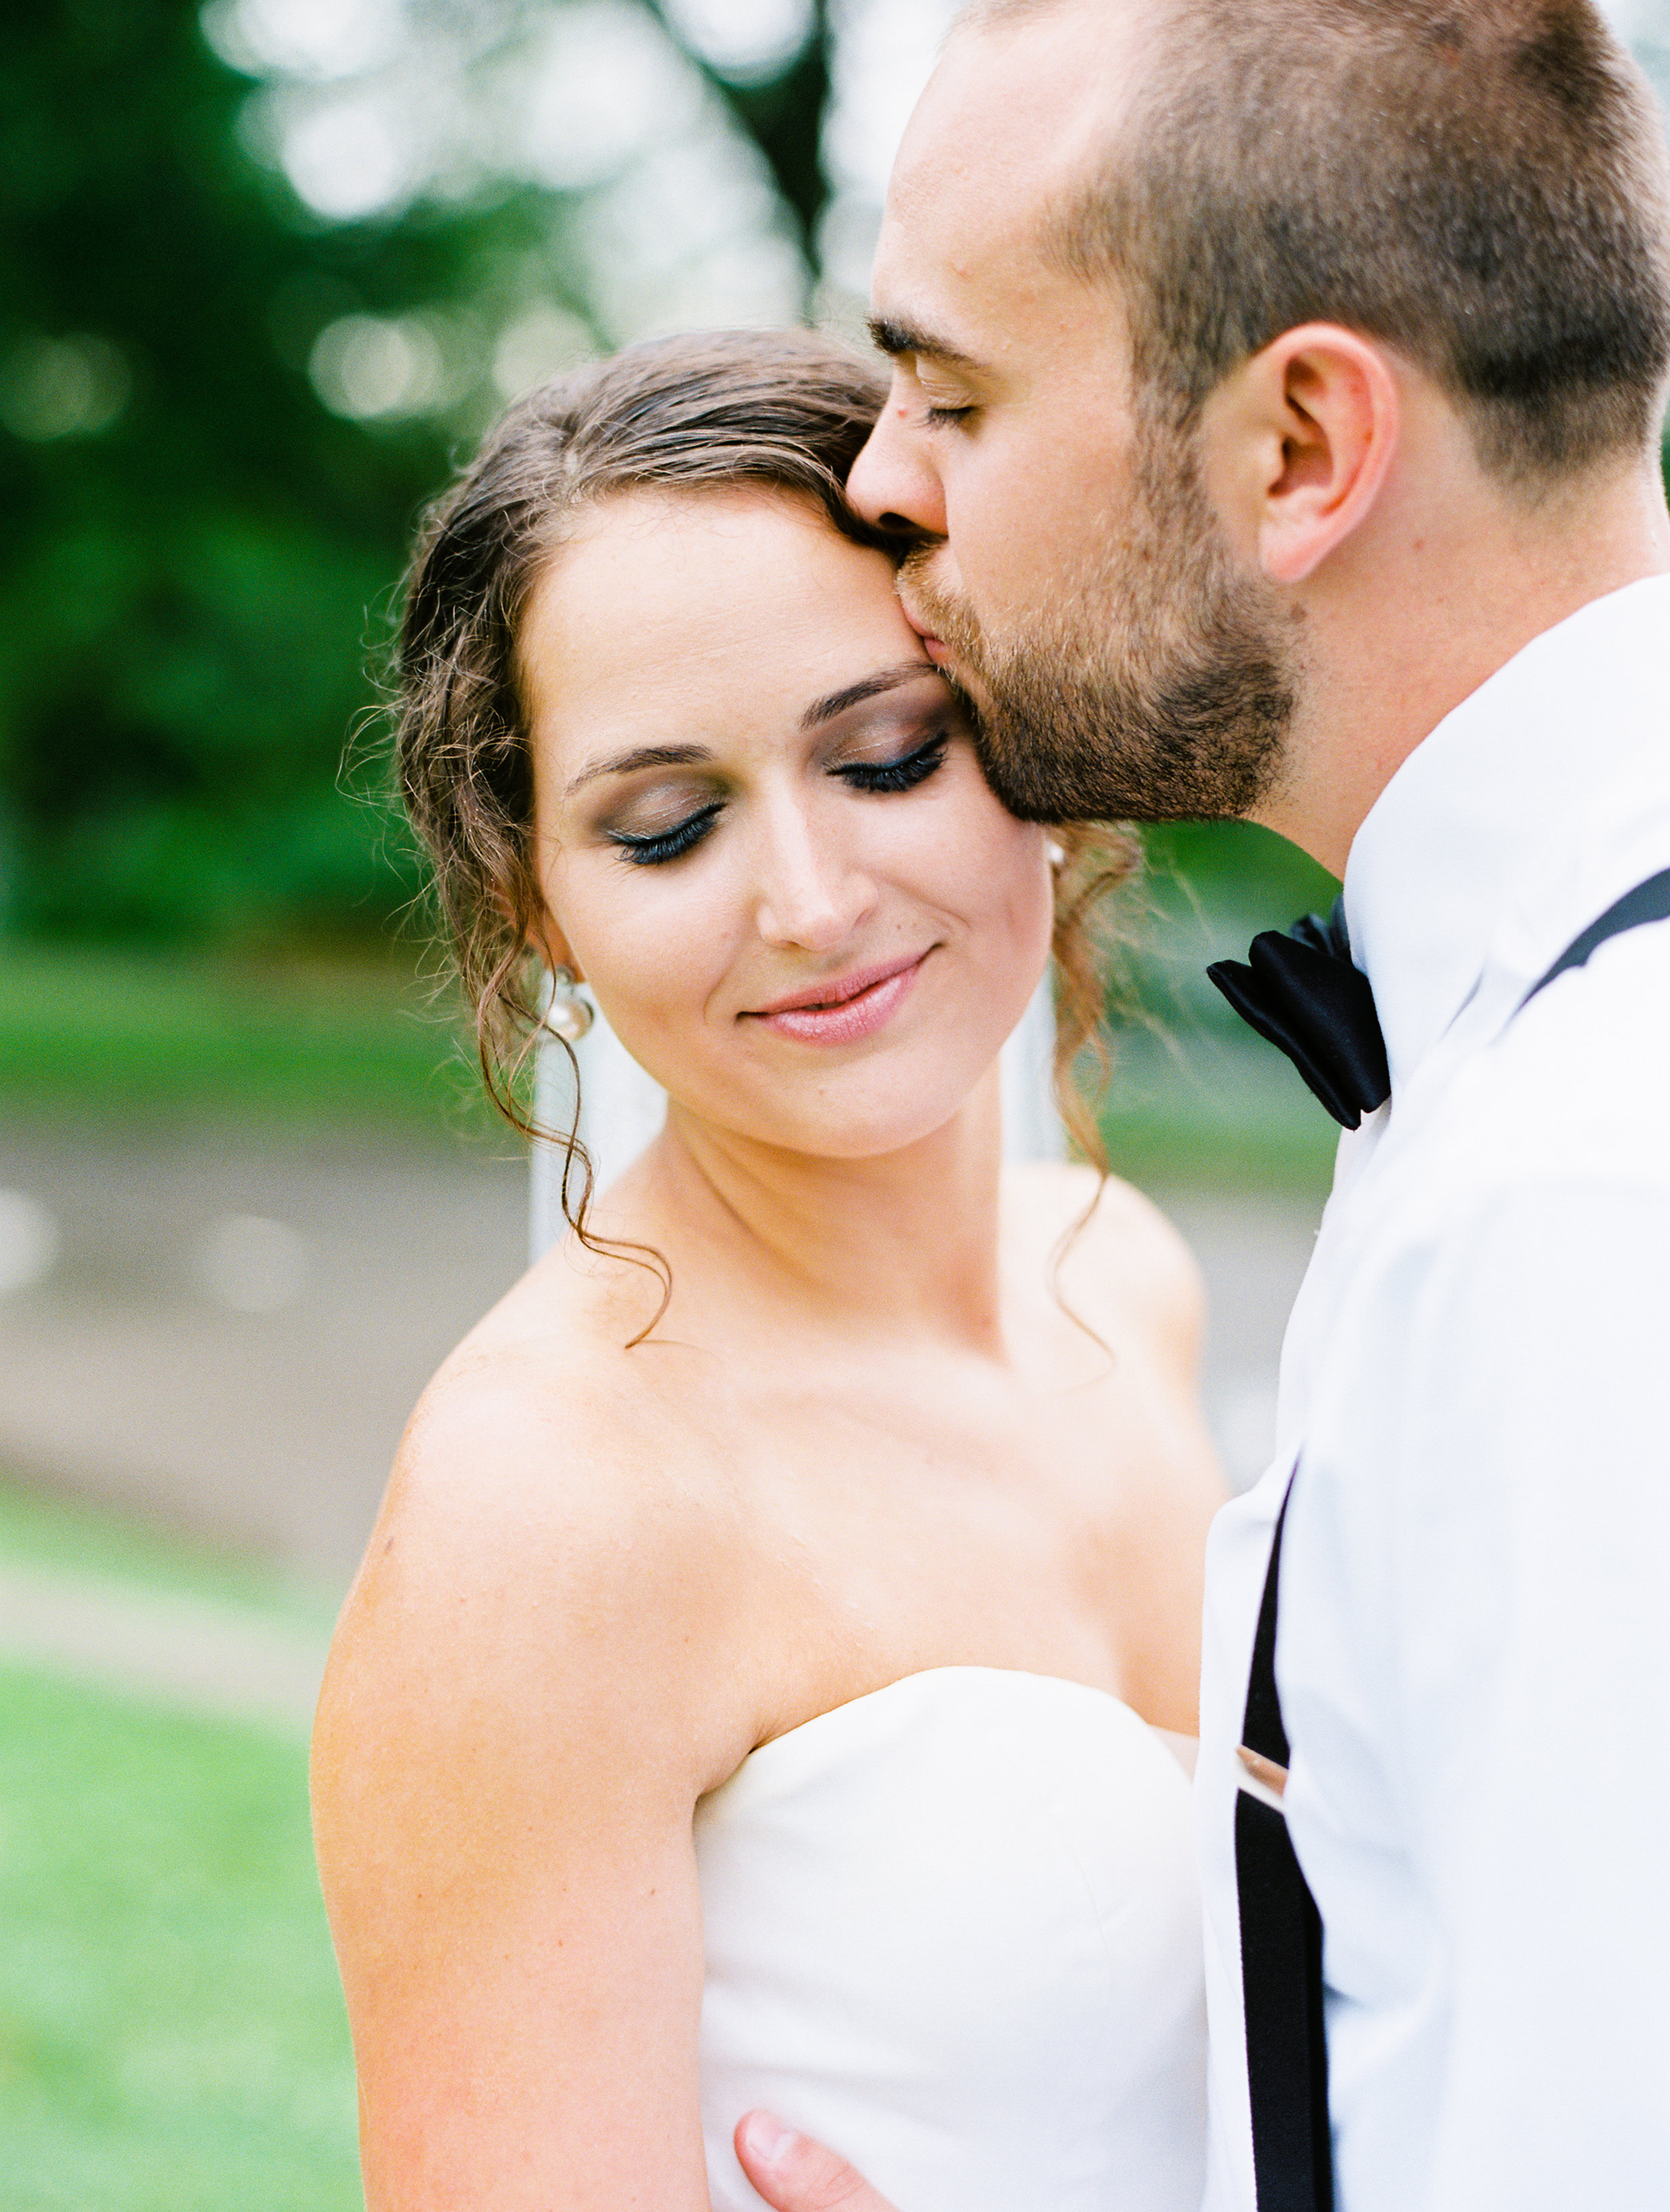 Steiner+Wedding+Bridal+Party-32.jpg